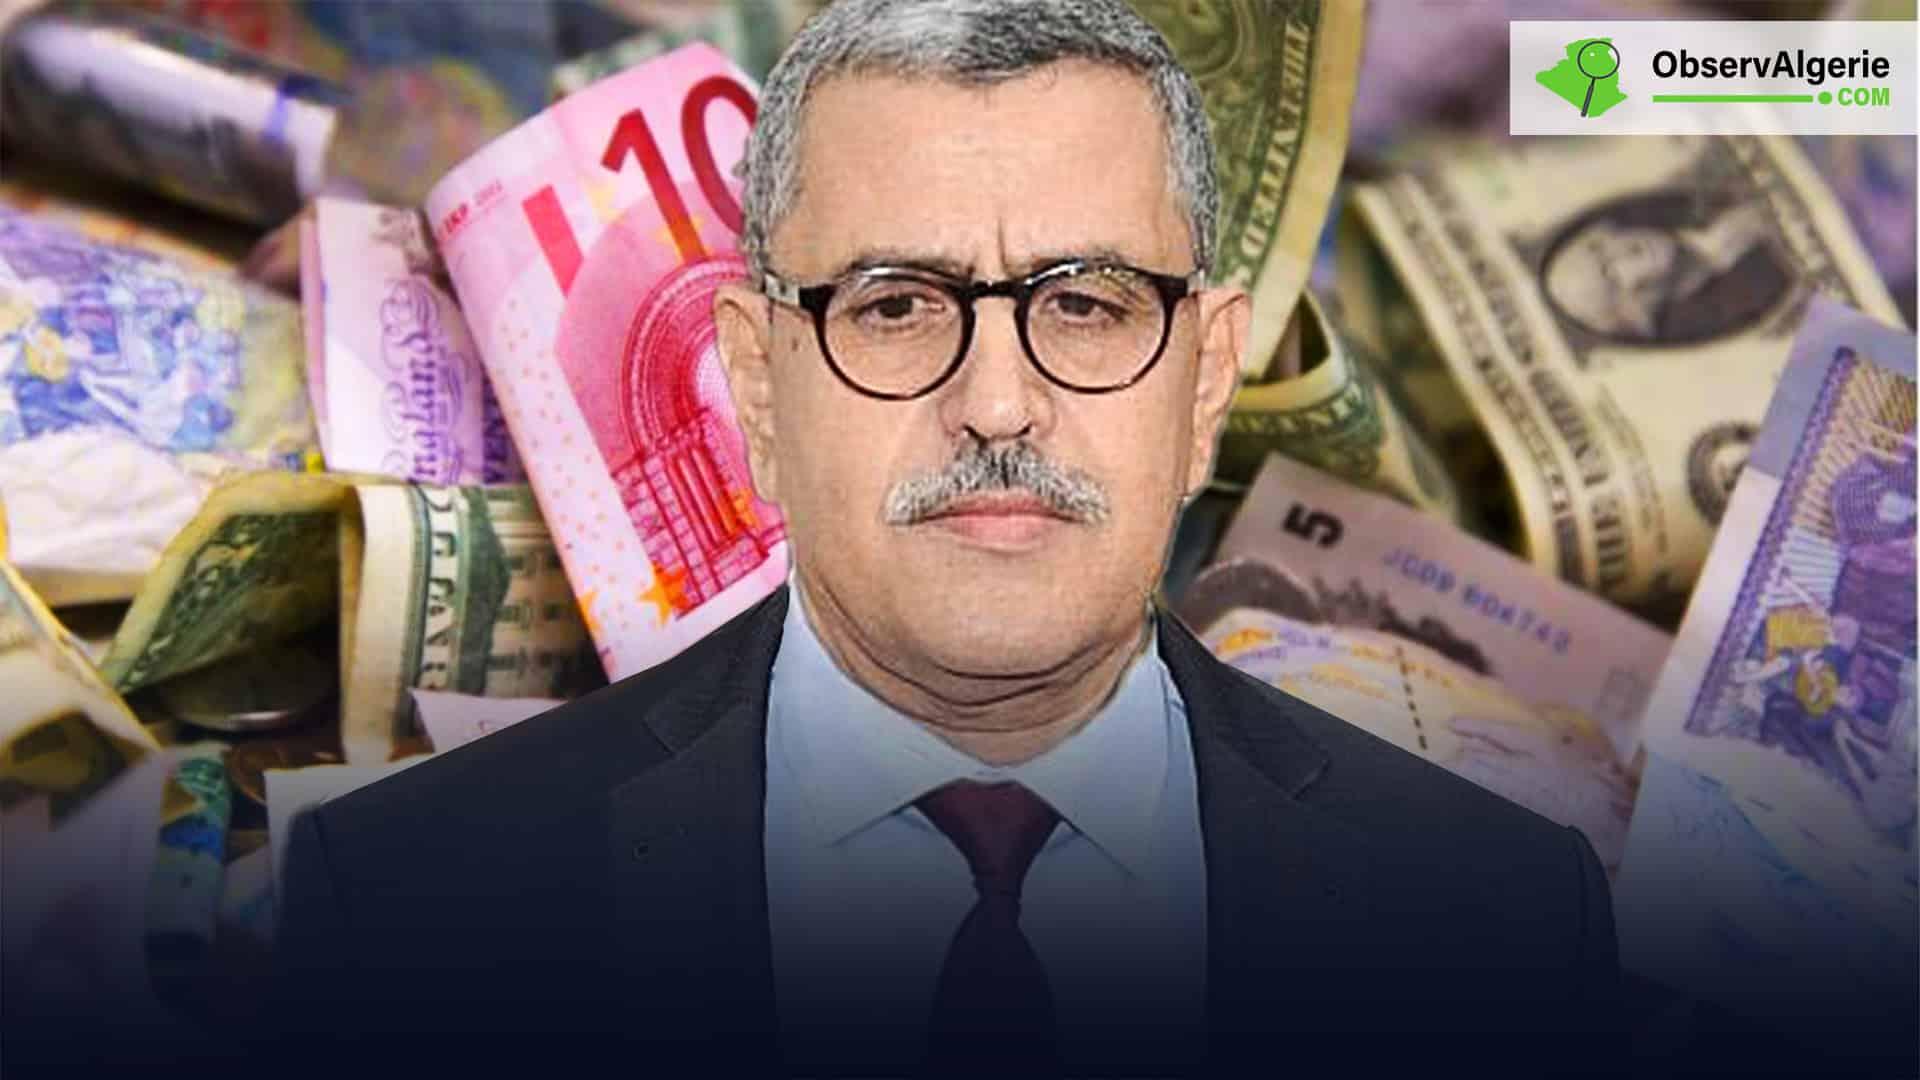 Algérie : Le plan du gouvernement pour récupérer l'argent détourné